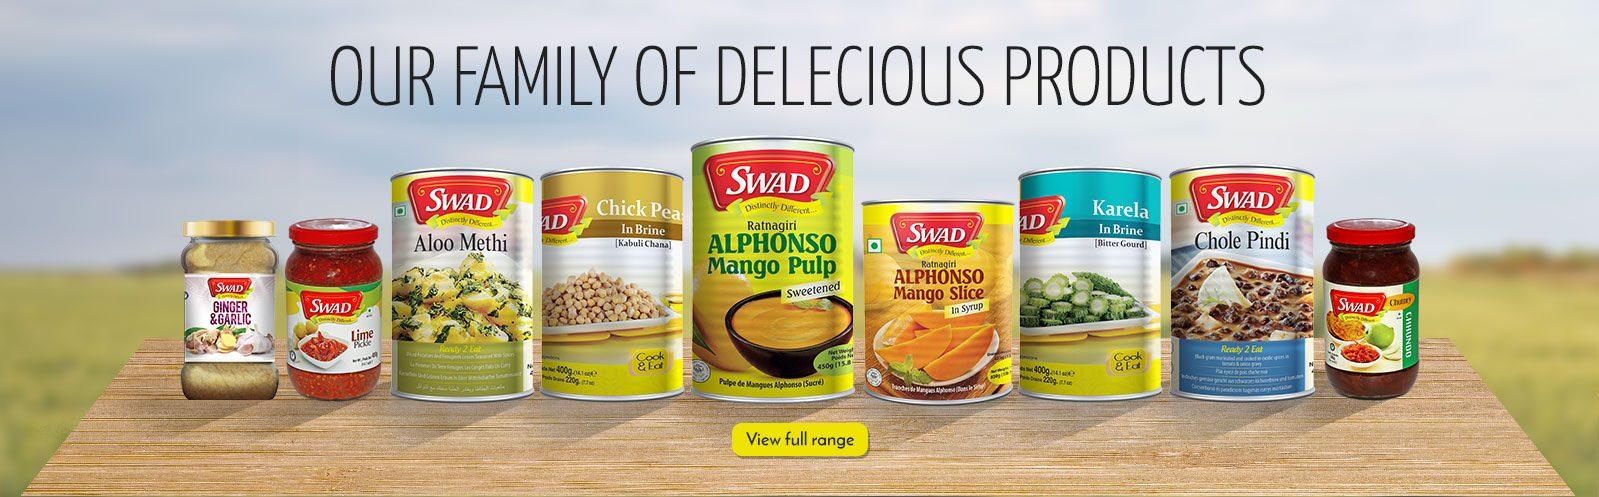 Vimal Agro Products Pvt. Ltd. - Irresistible Taste